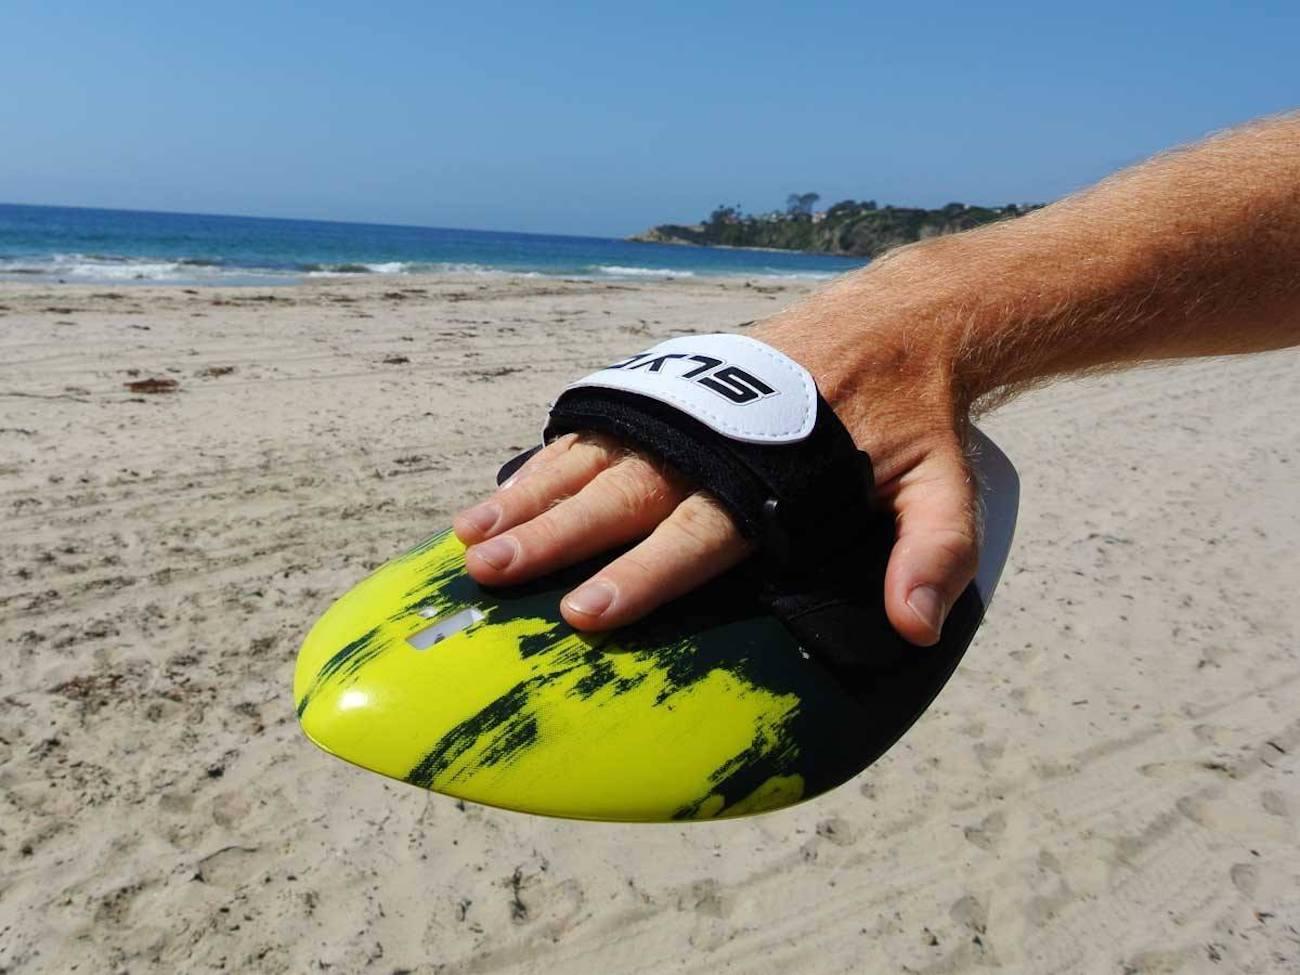 Slyde Hawaiian Bula Enoka Bodysurfing Handboard Set